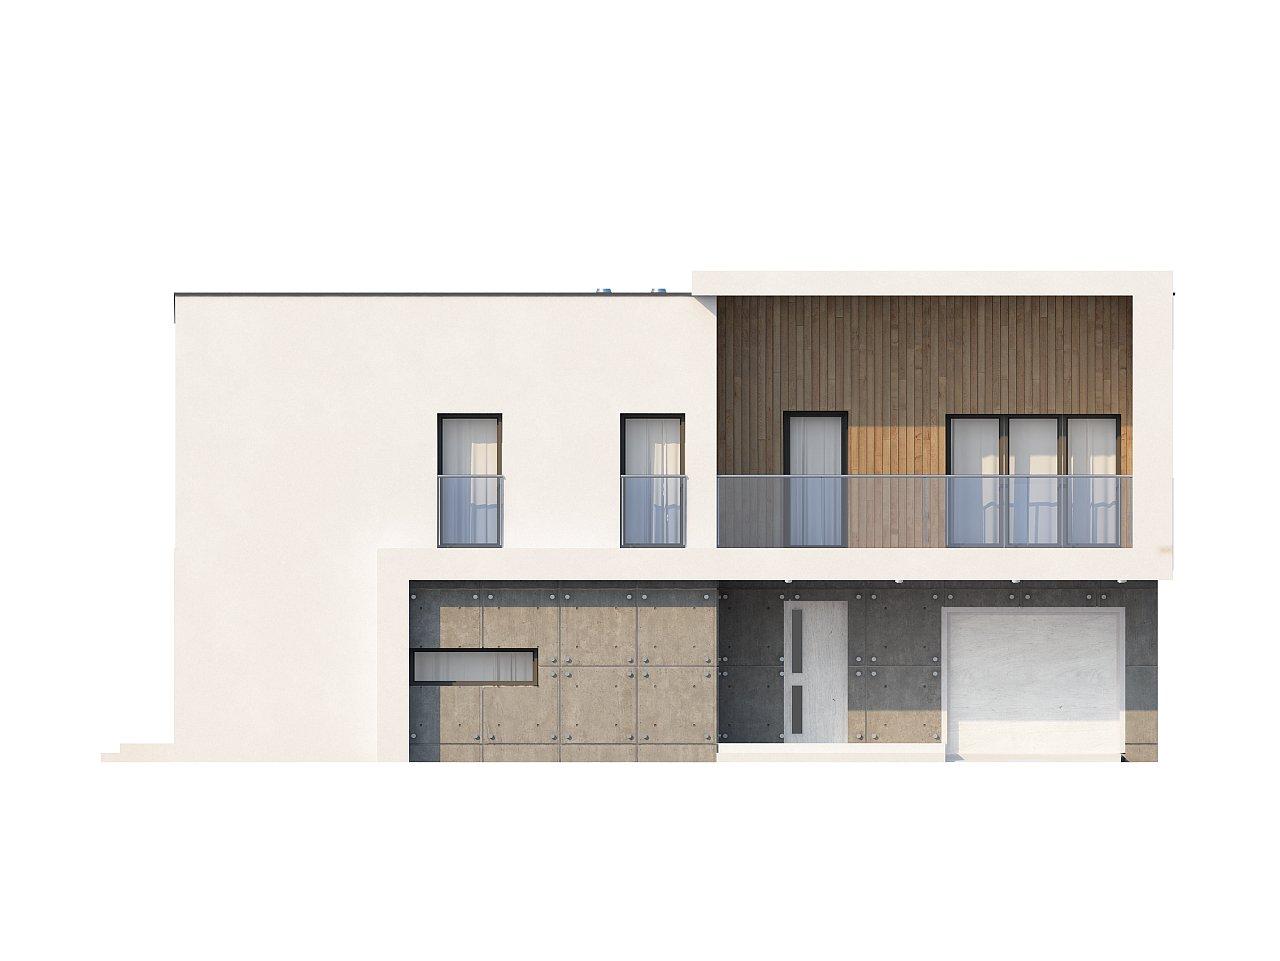 Просторный дом современного дизайна с гаражом и кабинетом на первом этаже. 3